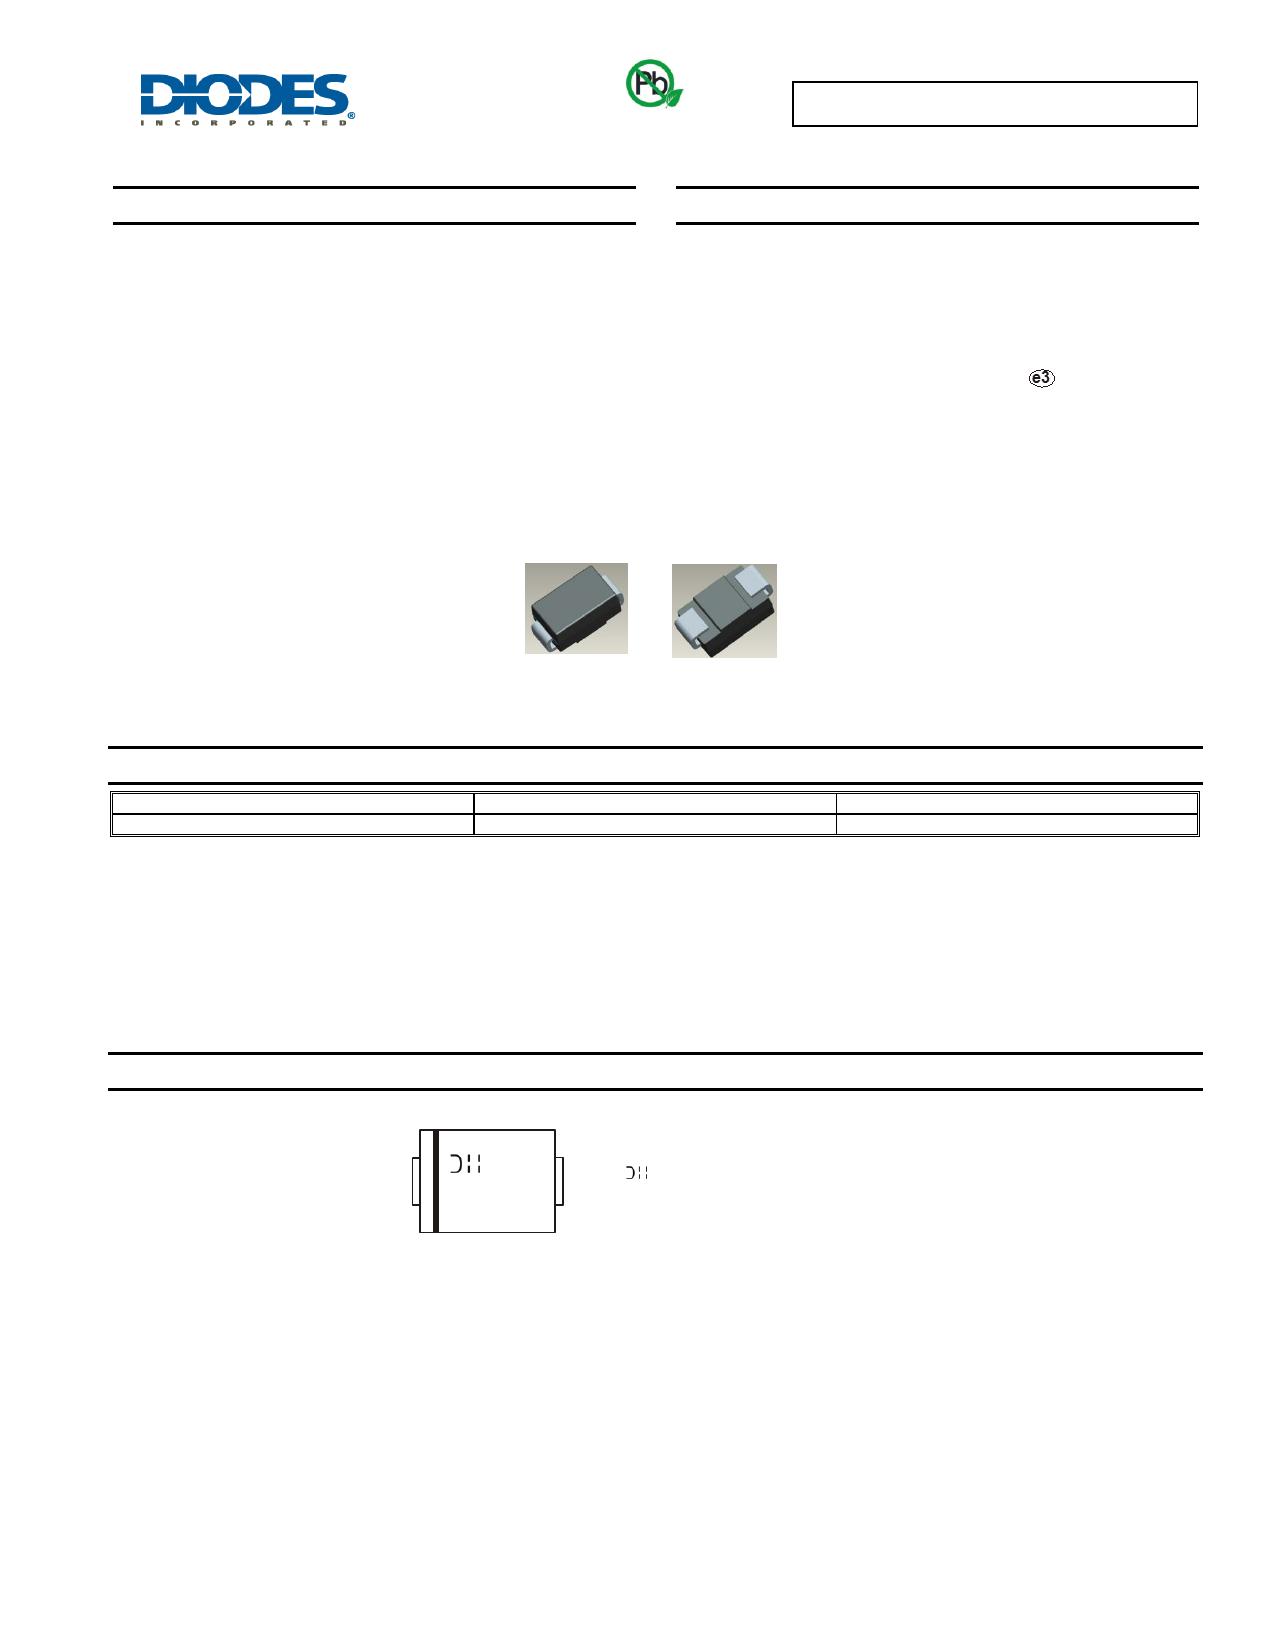 SMAJ6.5CA datasheet